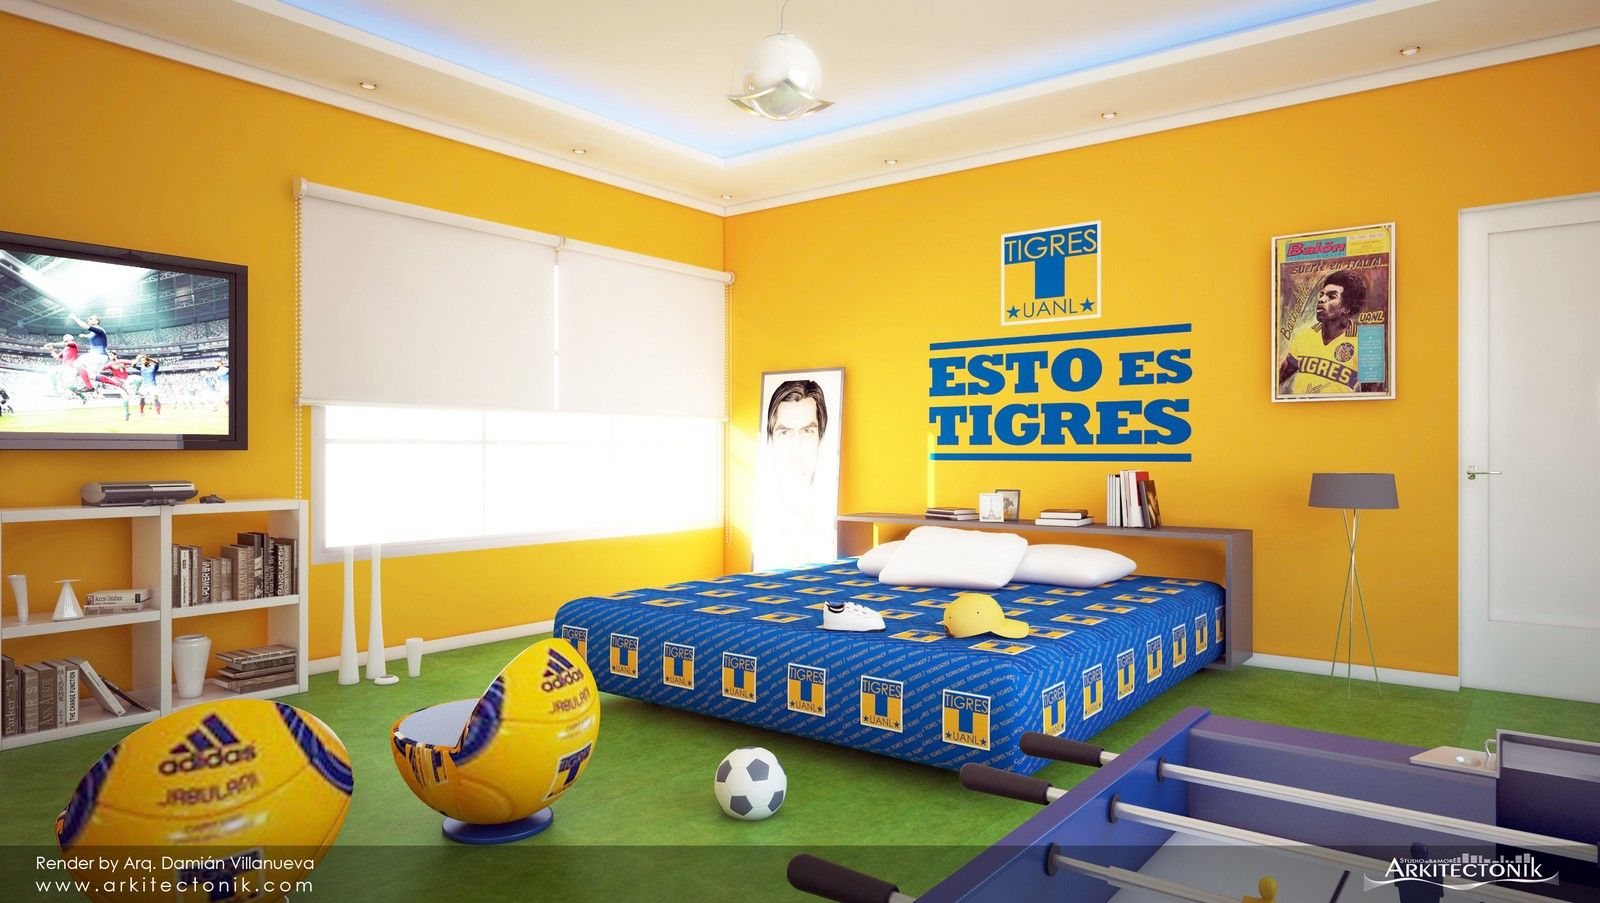 Tigres retro mi equipo pinterest - Decoracion cuarto de estar ...